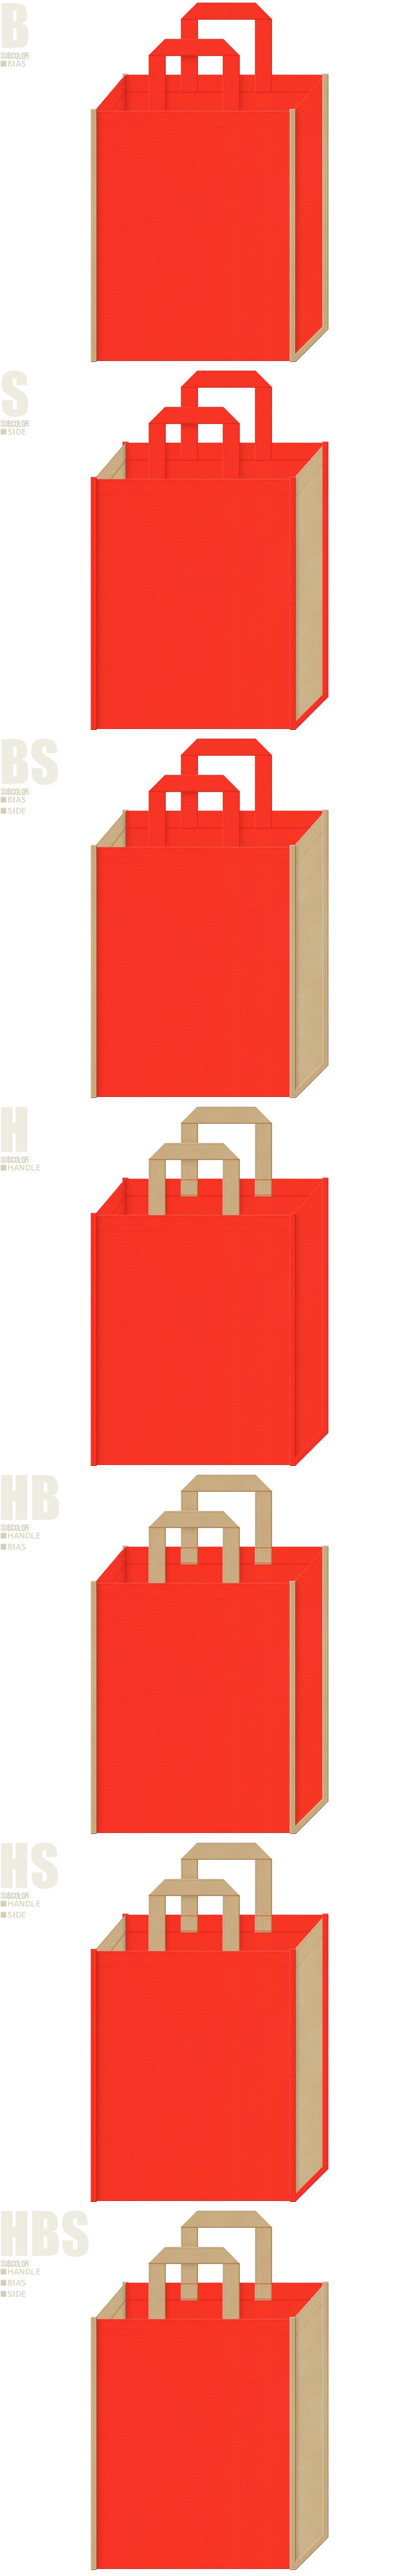 じゃがいも・にんじん・キッチン・レシピ・オニオンスープ・サラダ油・調味料・パスタ・お料理教室・ランチバッグにお奨めの不織布バッグデザイン:オレンジ色とカーキ色の配色7パターン